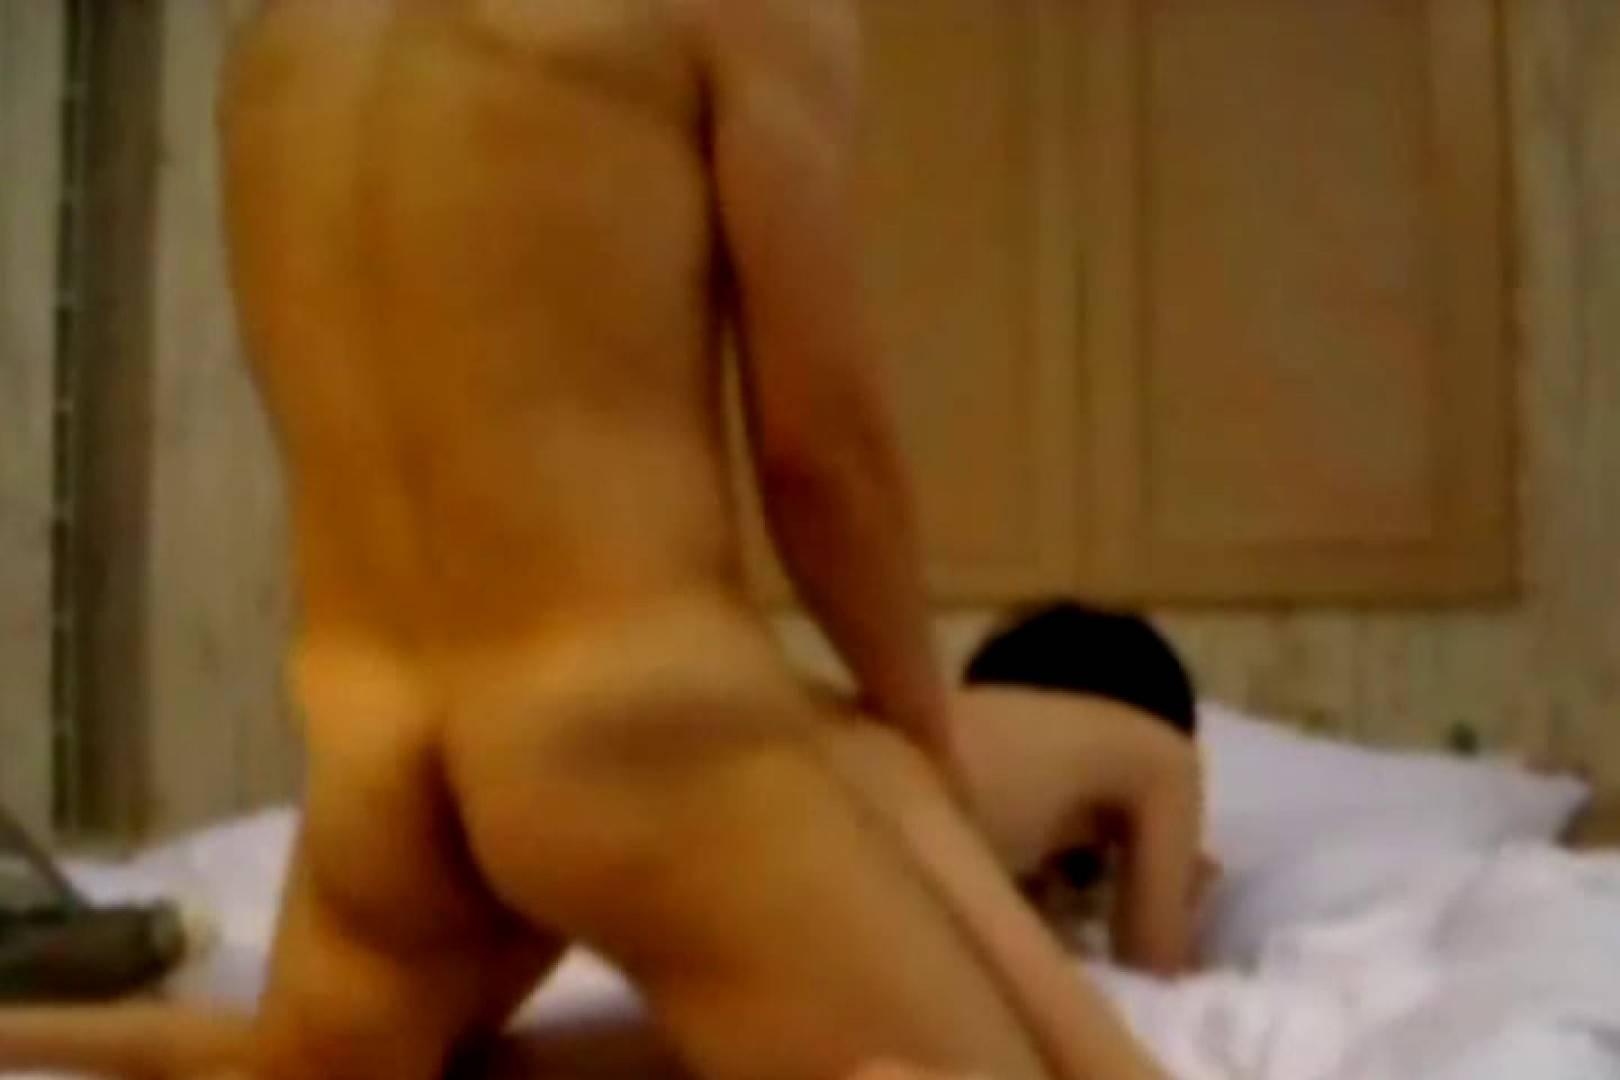 仁義なきキンタマ ymatのアルバム 流出作品 | 0  90pic 37